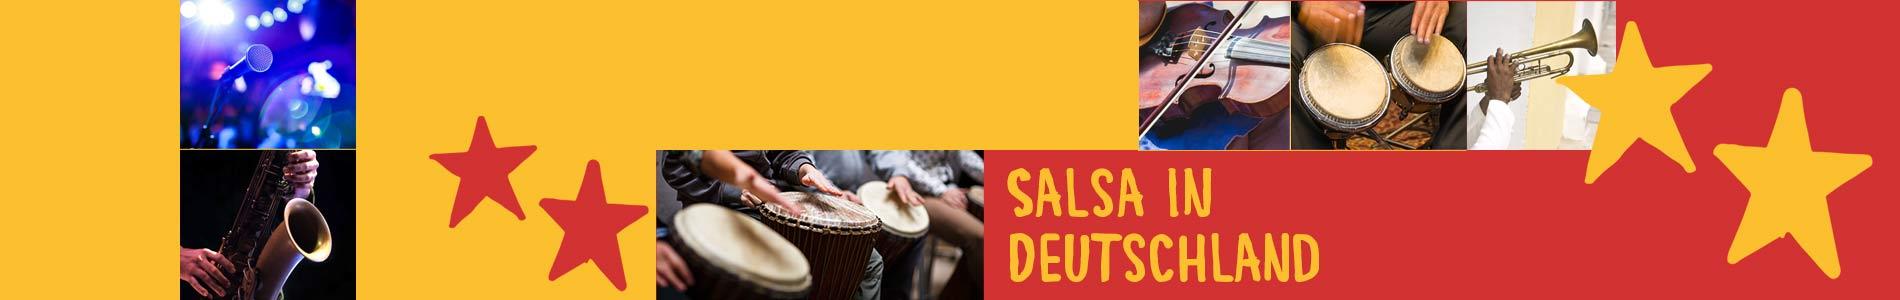 Salsa in Börßum – Salsa lernen und tanzen, Tanzkurse, Partys, Veranstaltungen